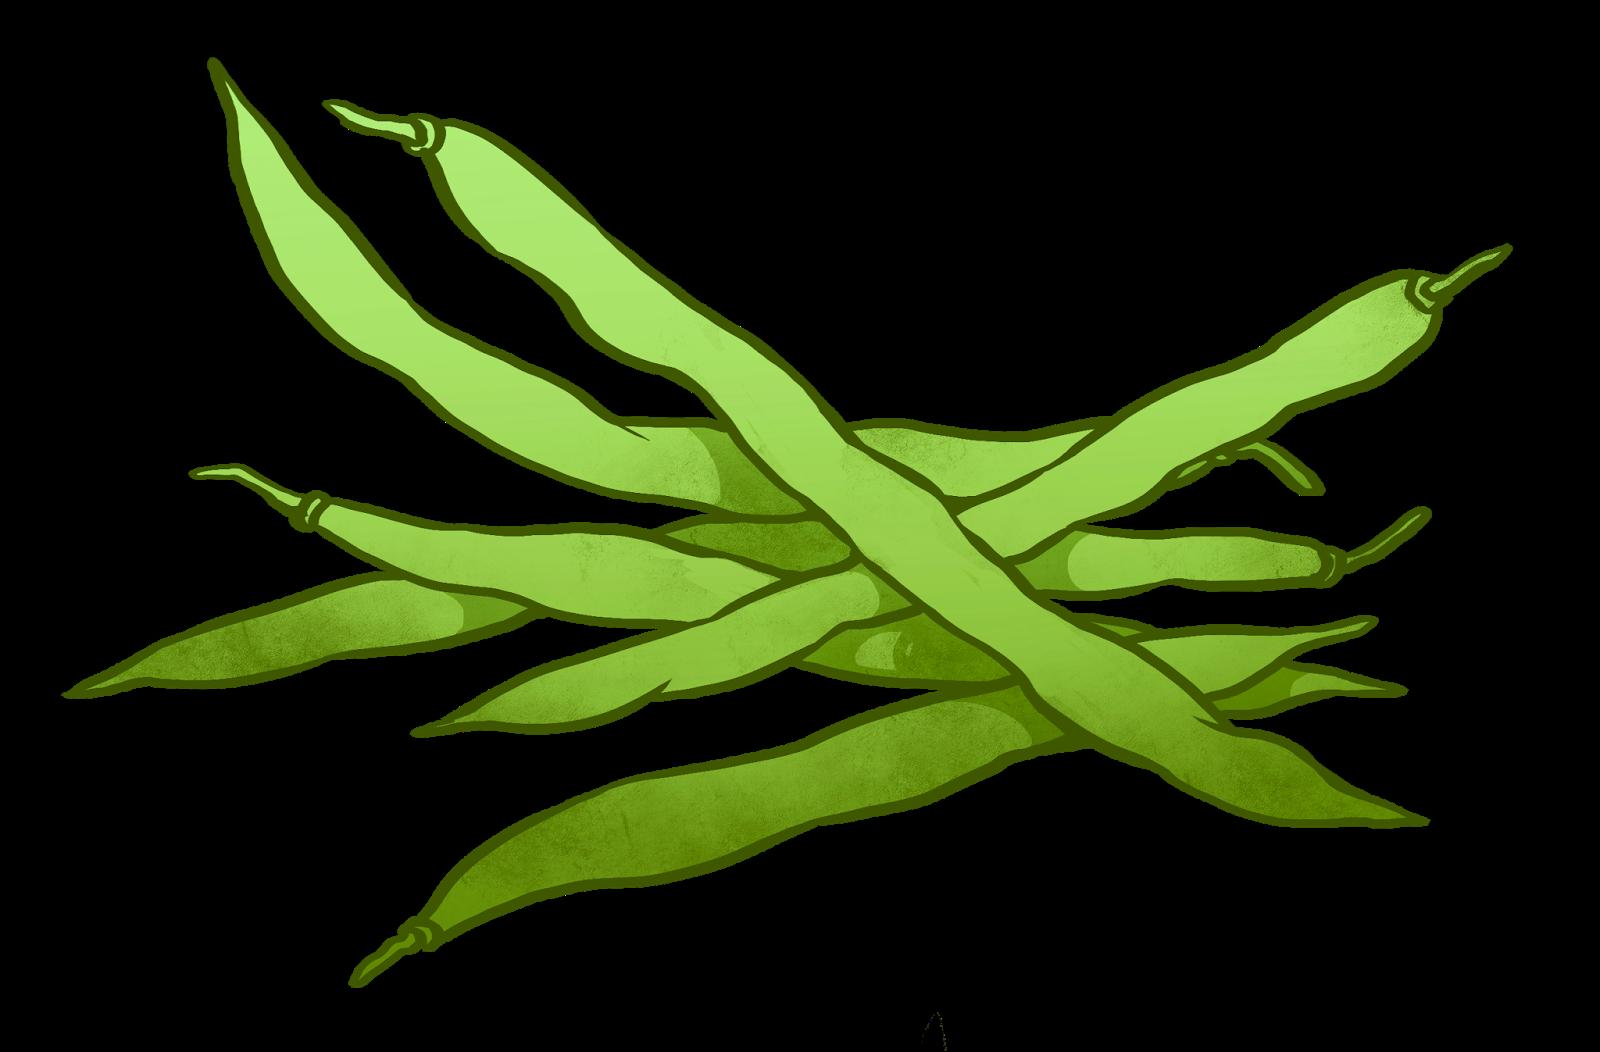 Green bean clip art. Beans clipart vector